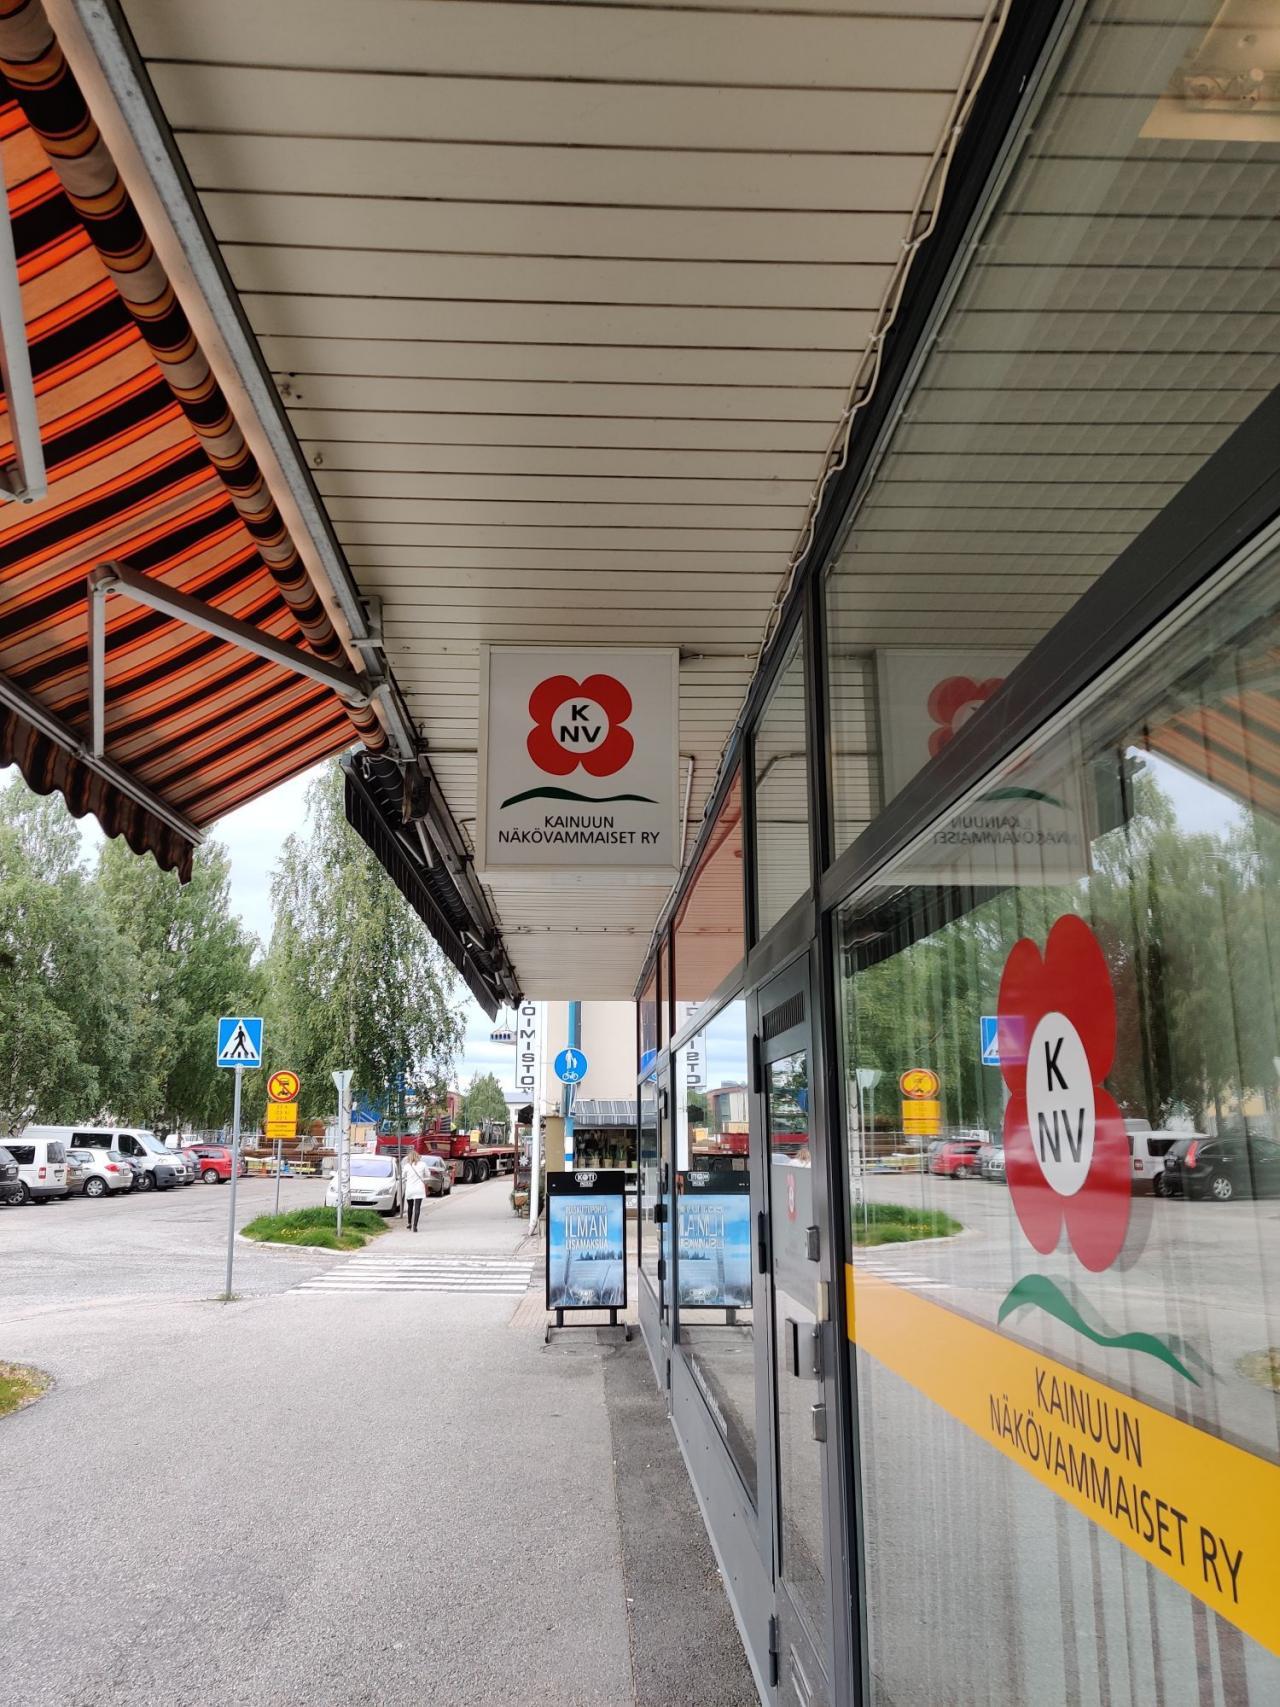 Kainuun Näkövammaiset toimiston etuoven yllä oleva kyltti, jossa yhdistyksen logo.